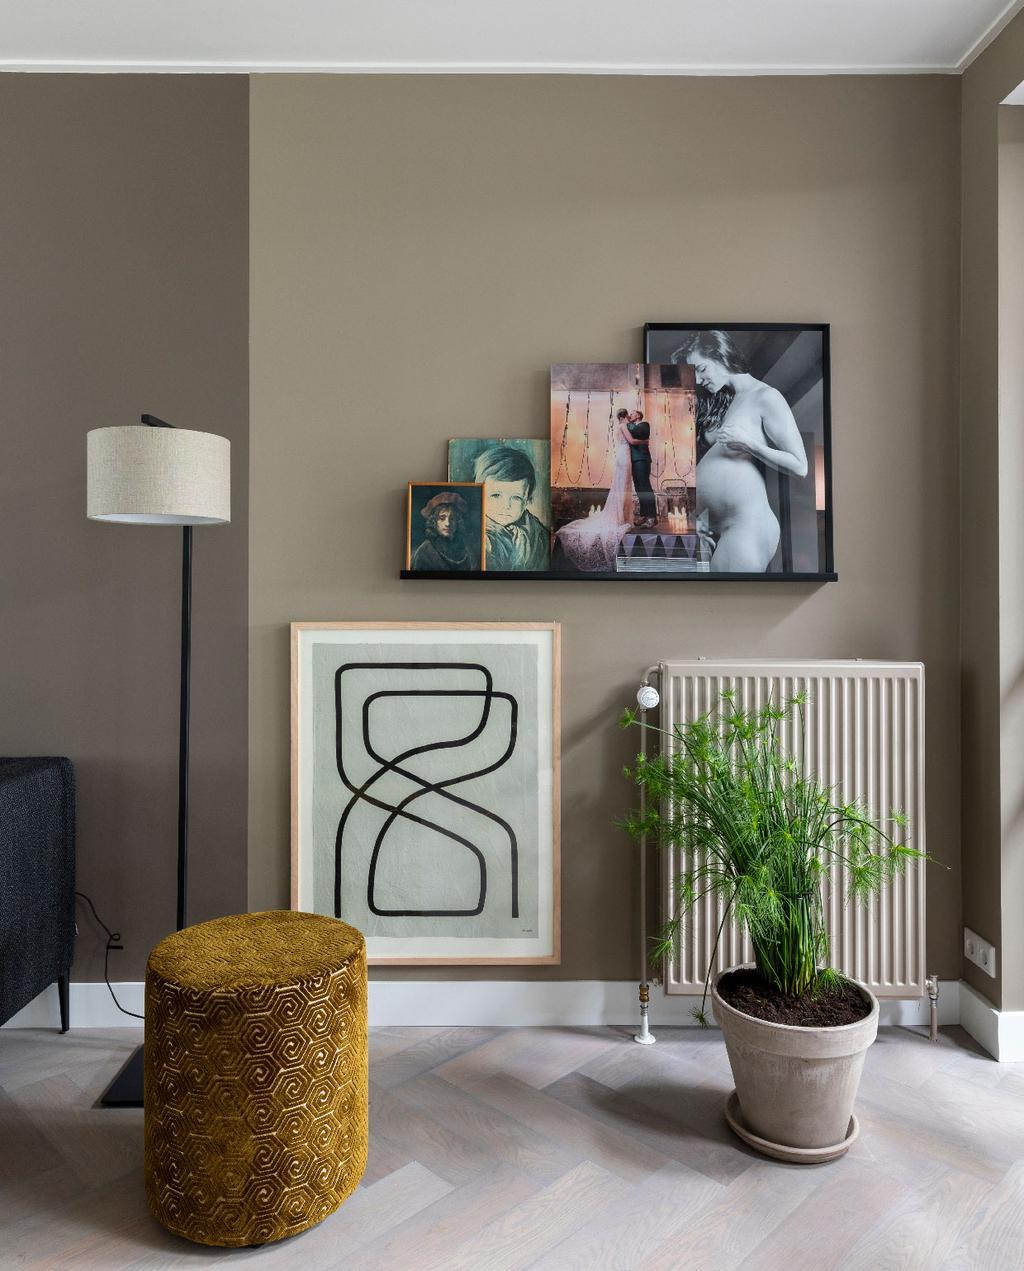 vtwonen weer verliefd op je huis | flexa trendkleur brave ground woonkamer met neutrale tinten en okergele poef